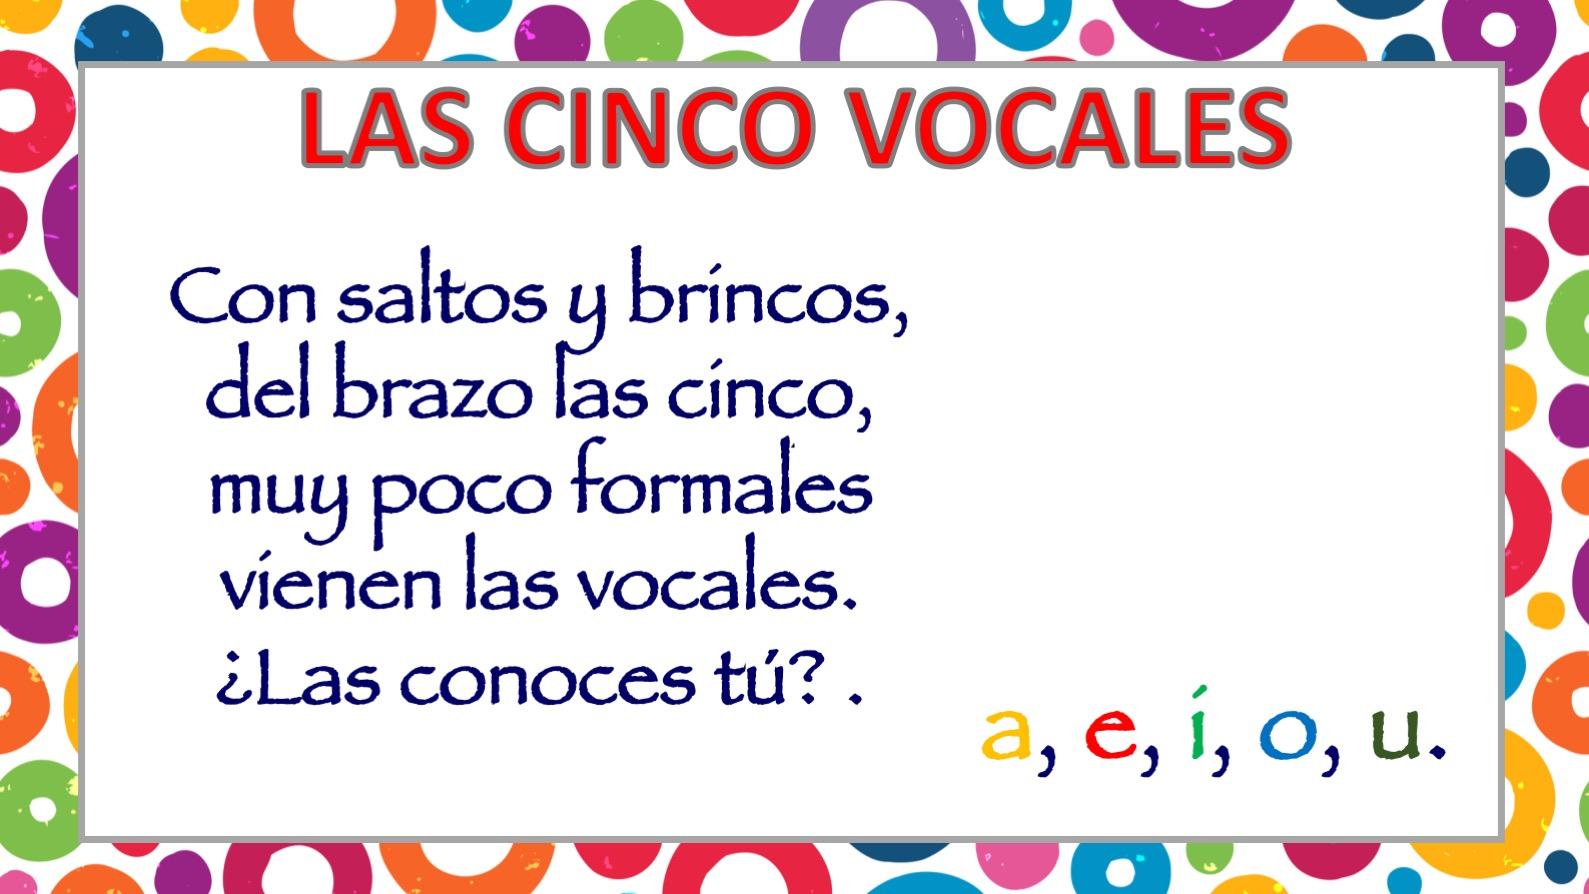 Poesia De Las Vocales: APRENDEMOS LAS CINCO VOCALES POEMA DE CARLOS REVIEJO2